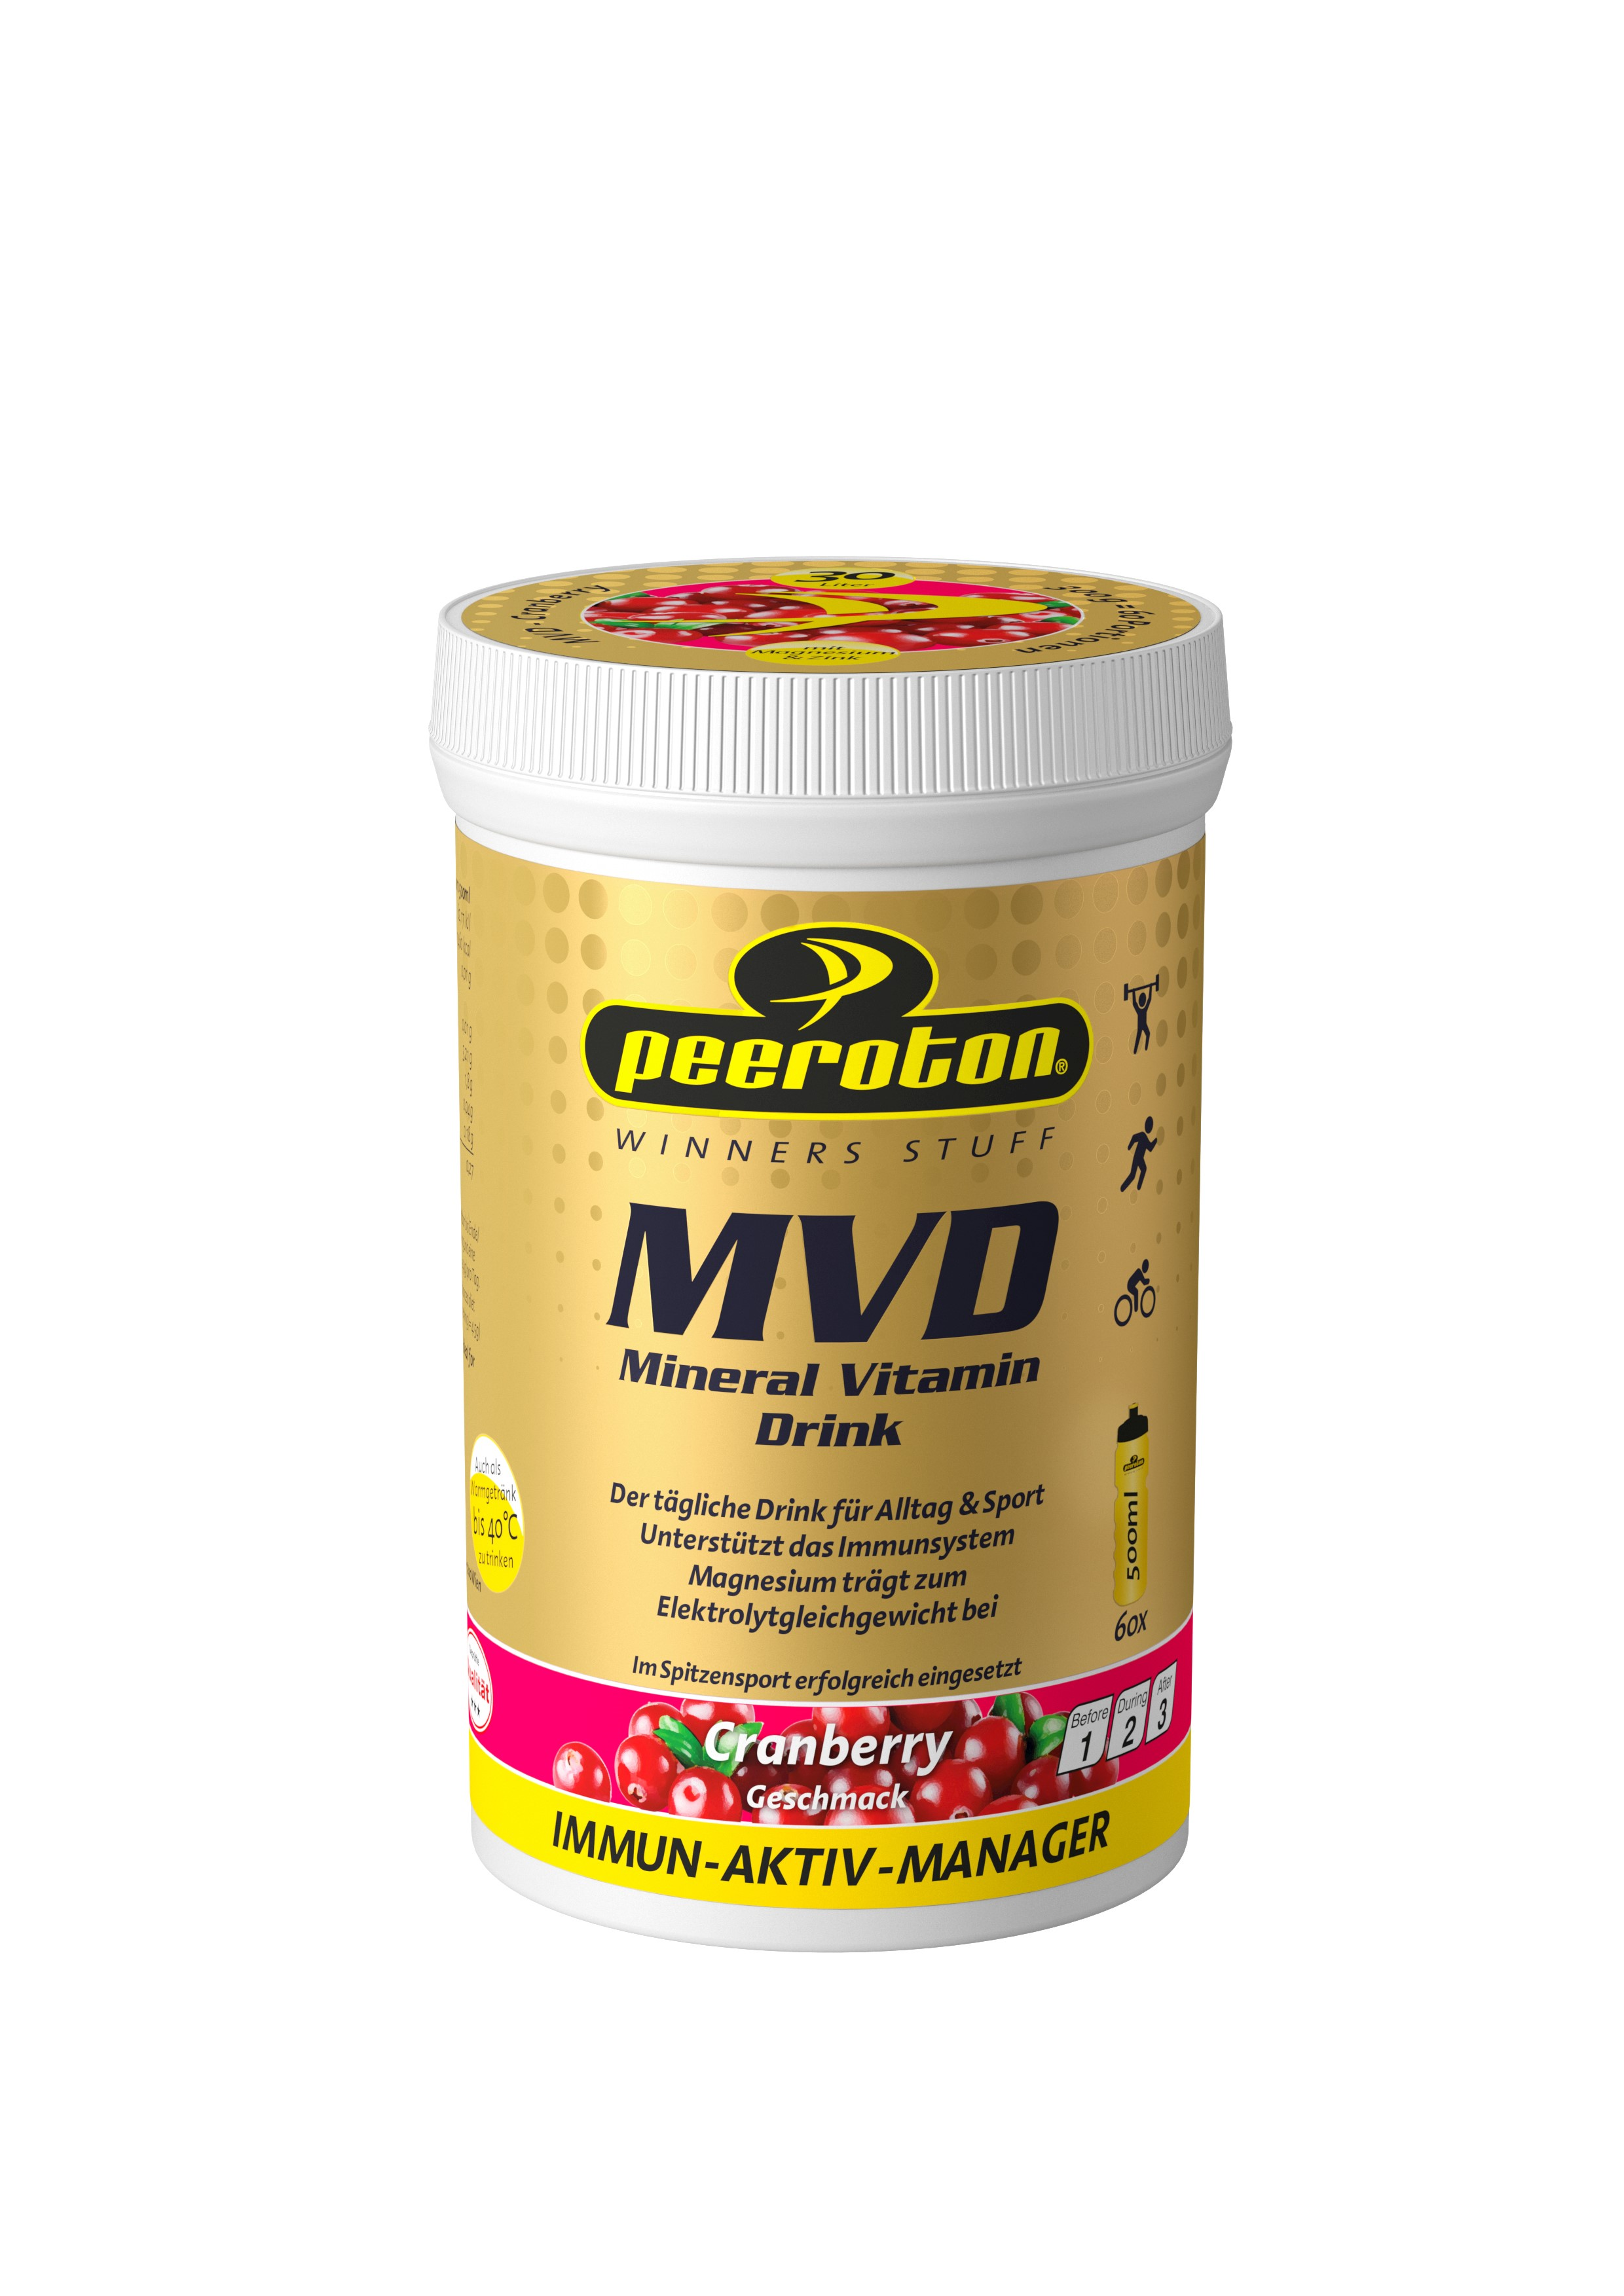 Peeroton MINERAL VITAMIN Drink Cranberry 300g ( für 30 Liter Getränk) - Immun Aktiv